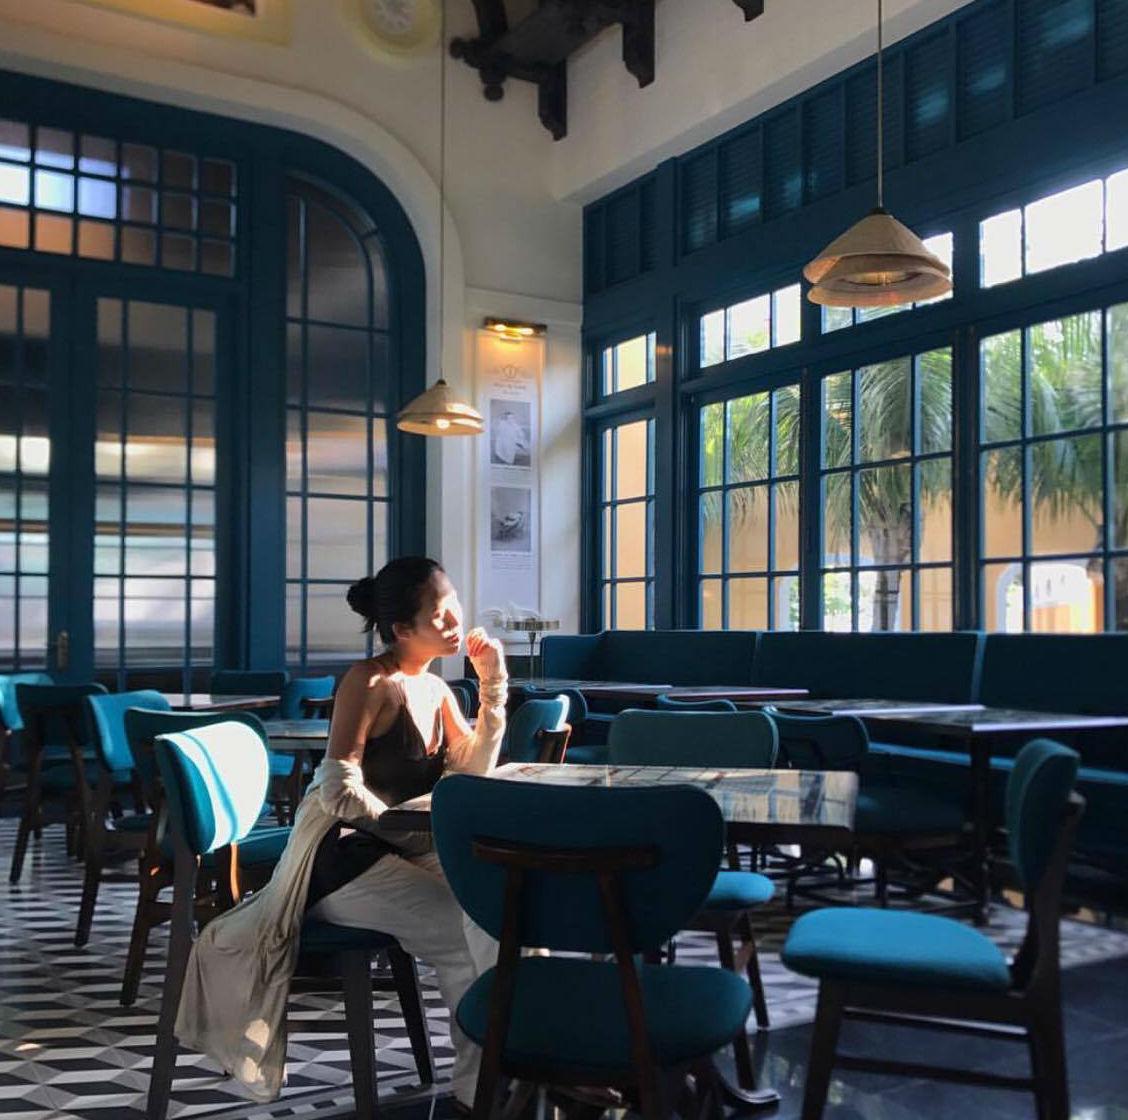 Xem xong MV Có em chờ, lại thêm lý do để tin rằng JW Marriott Phú Quốc chính là resort đáng đi nhất hè này! - Ảnh 41.